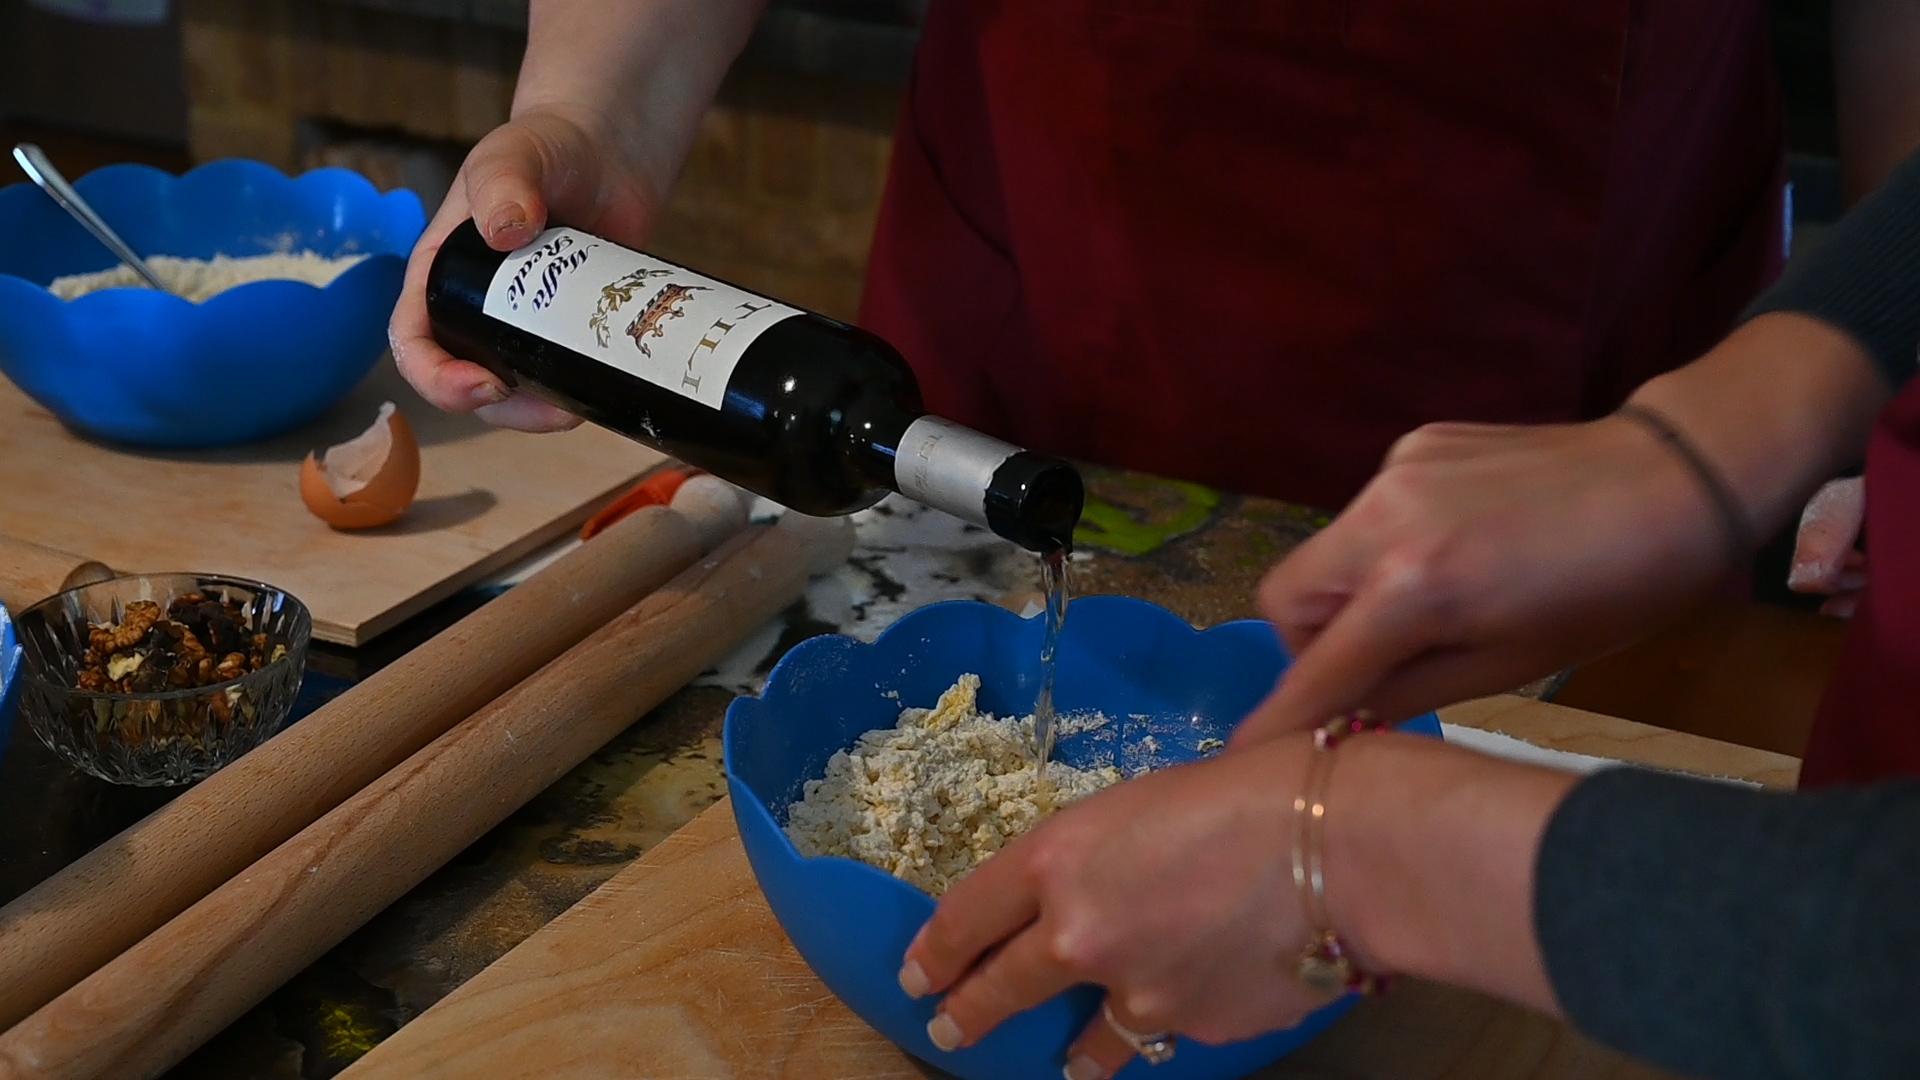 Esperienza sensoriale Assisi Tili Vini - Lezioni di cucina Umbra 9